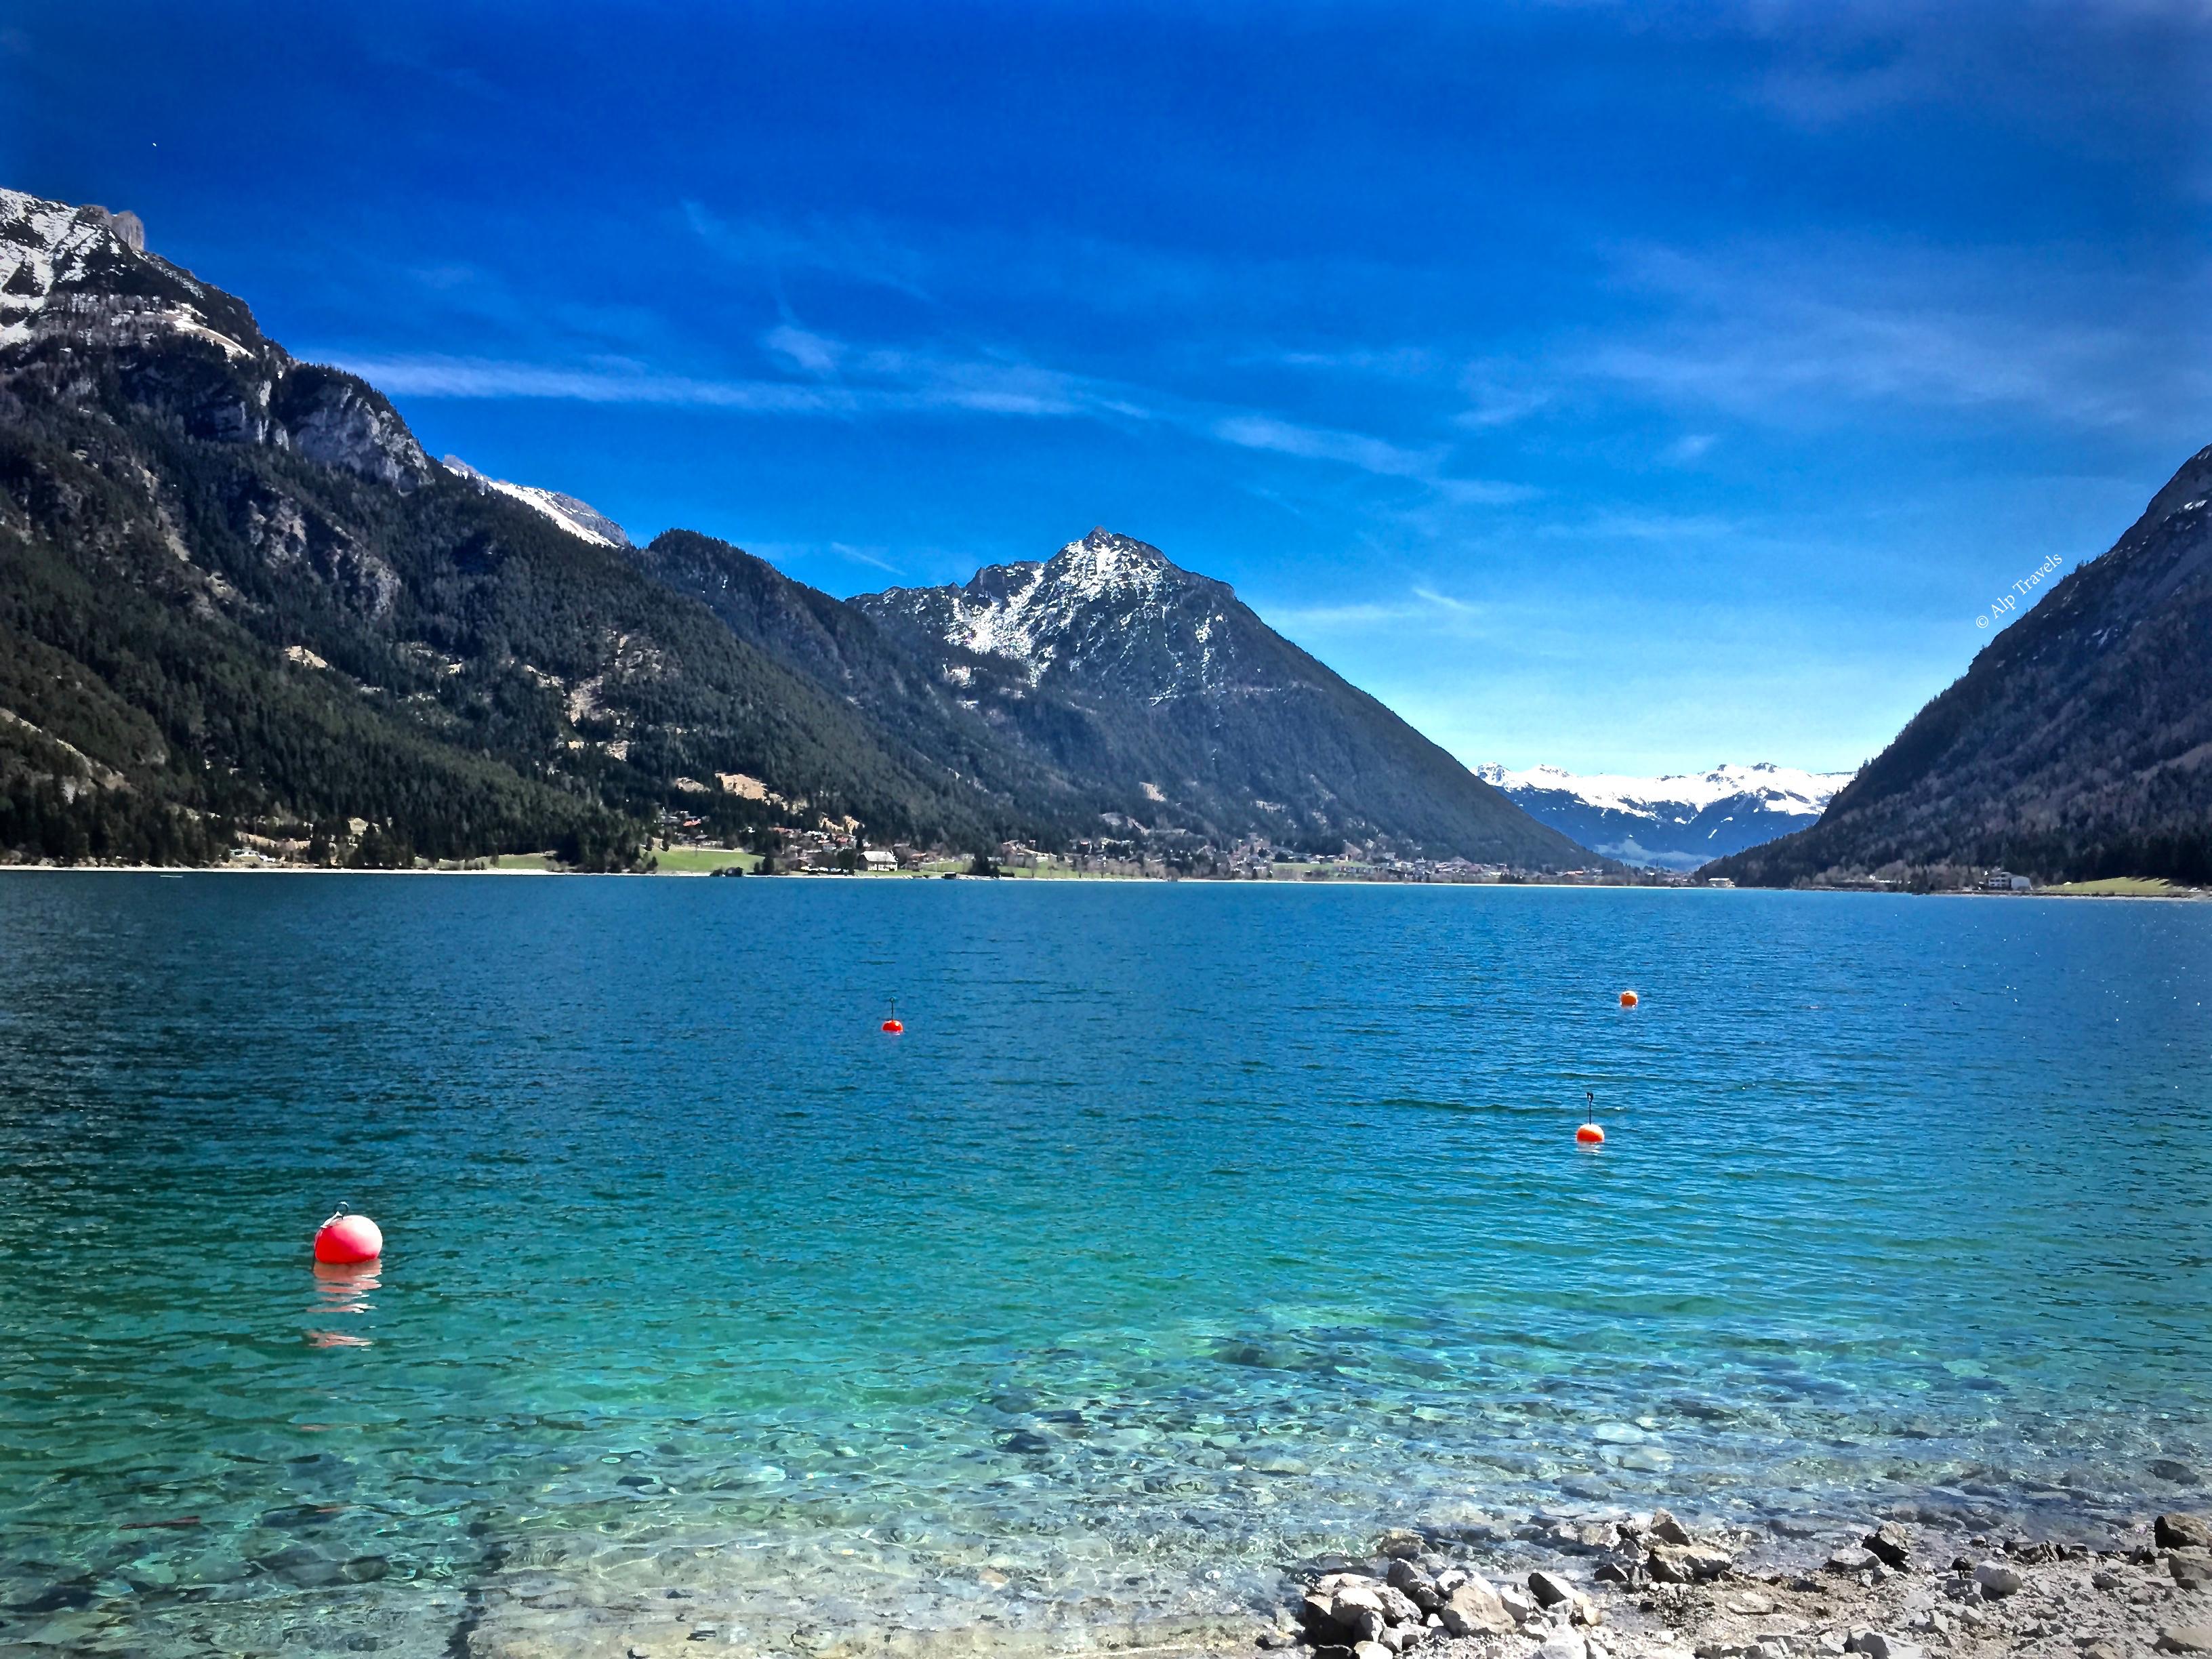 Lac Achensee